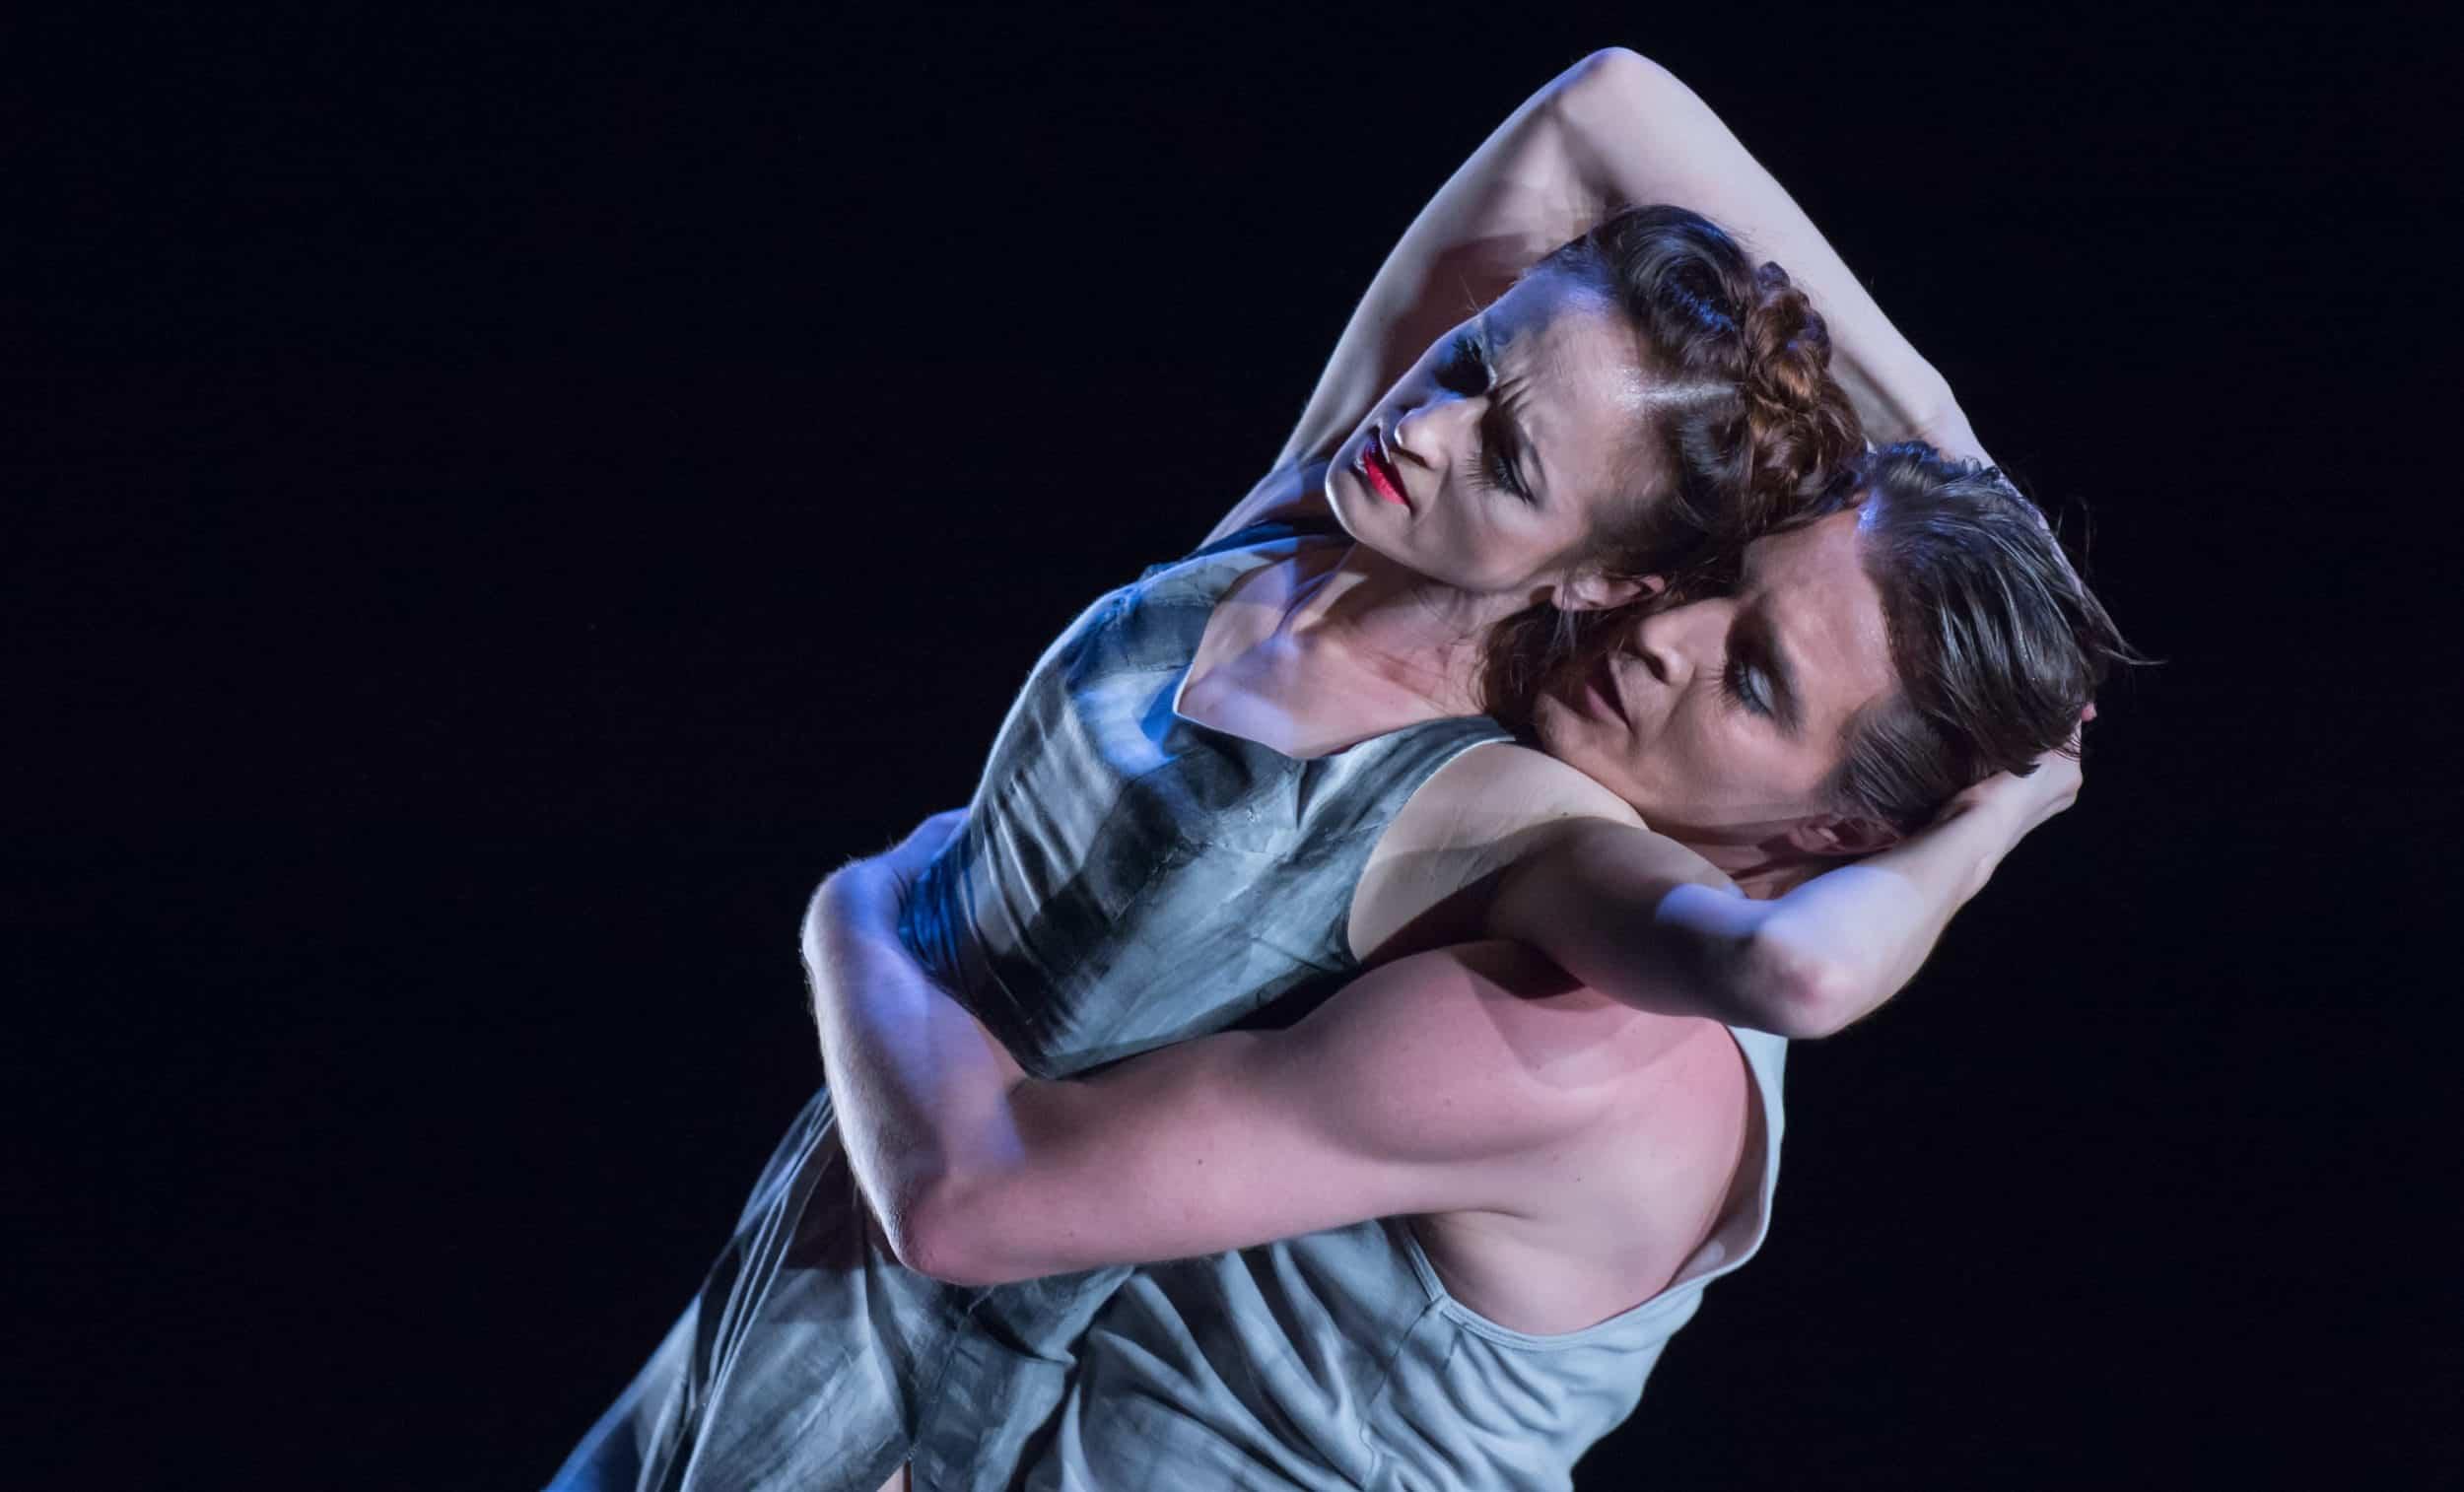 Juan-Rodríguez_beginner_ballet course_at_Danceworks_London